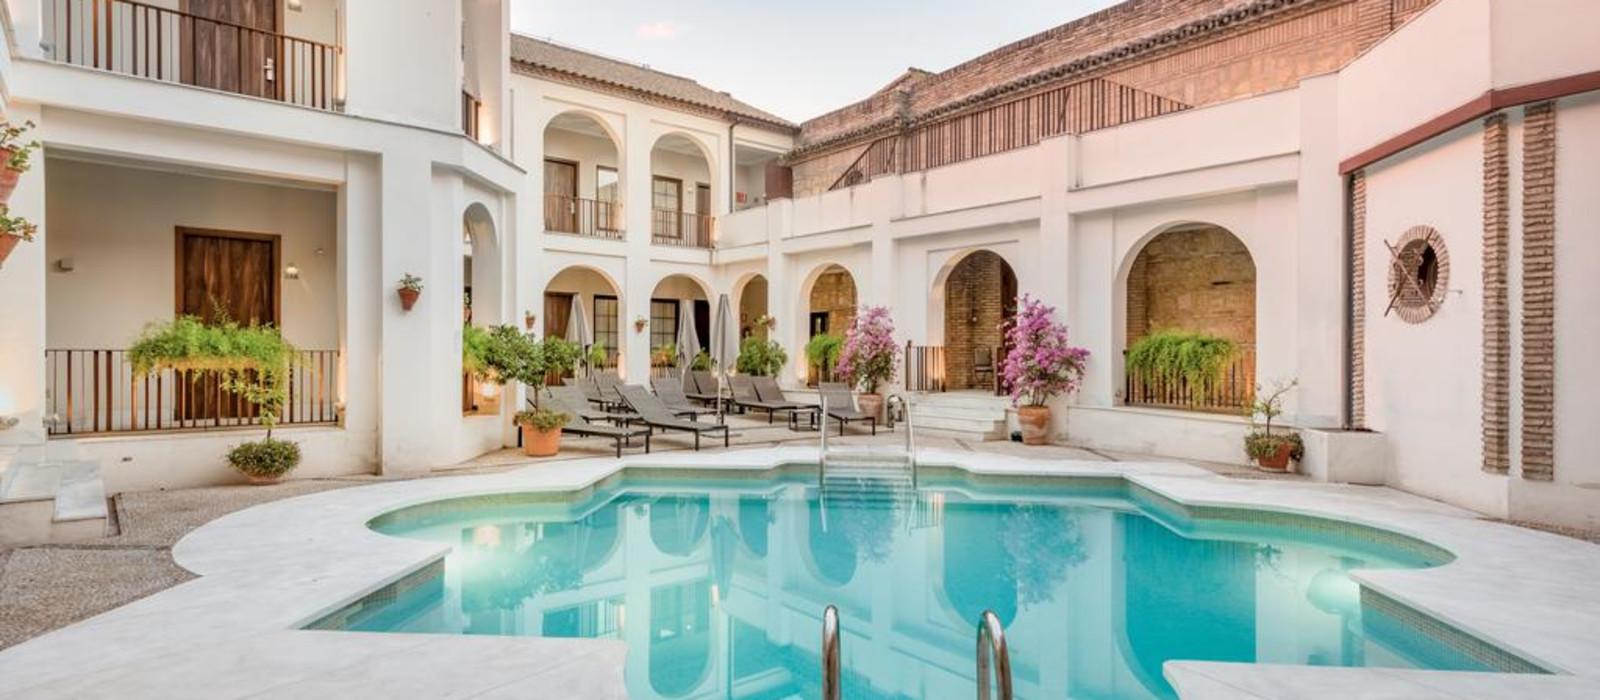 Hotel NH Collection Amistad Córdoba Spain